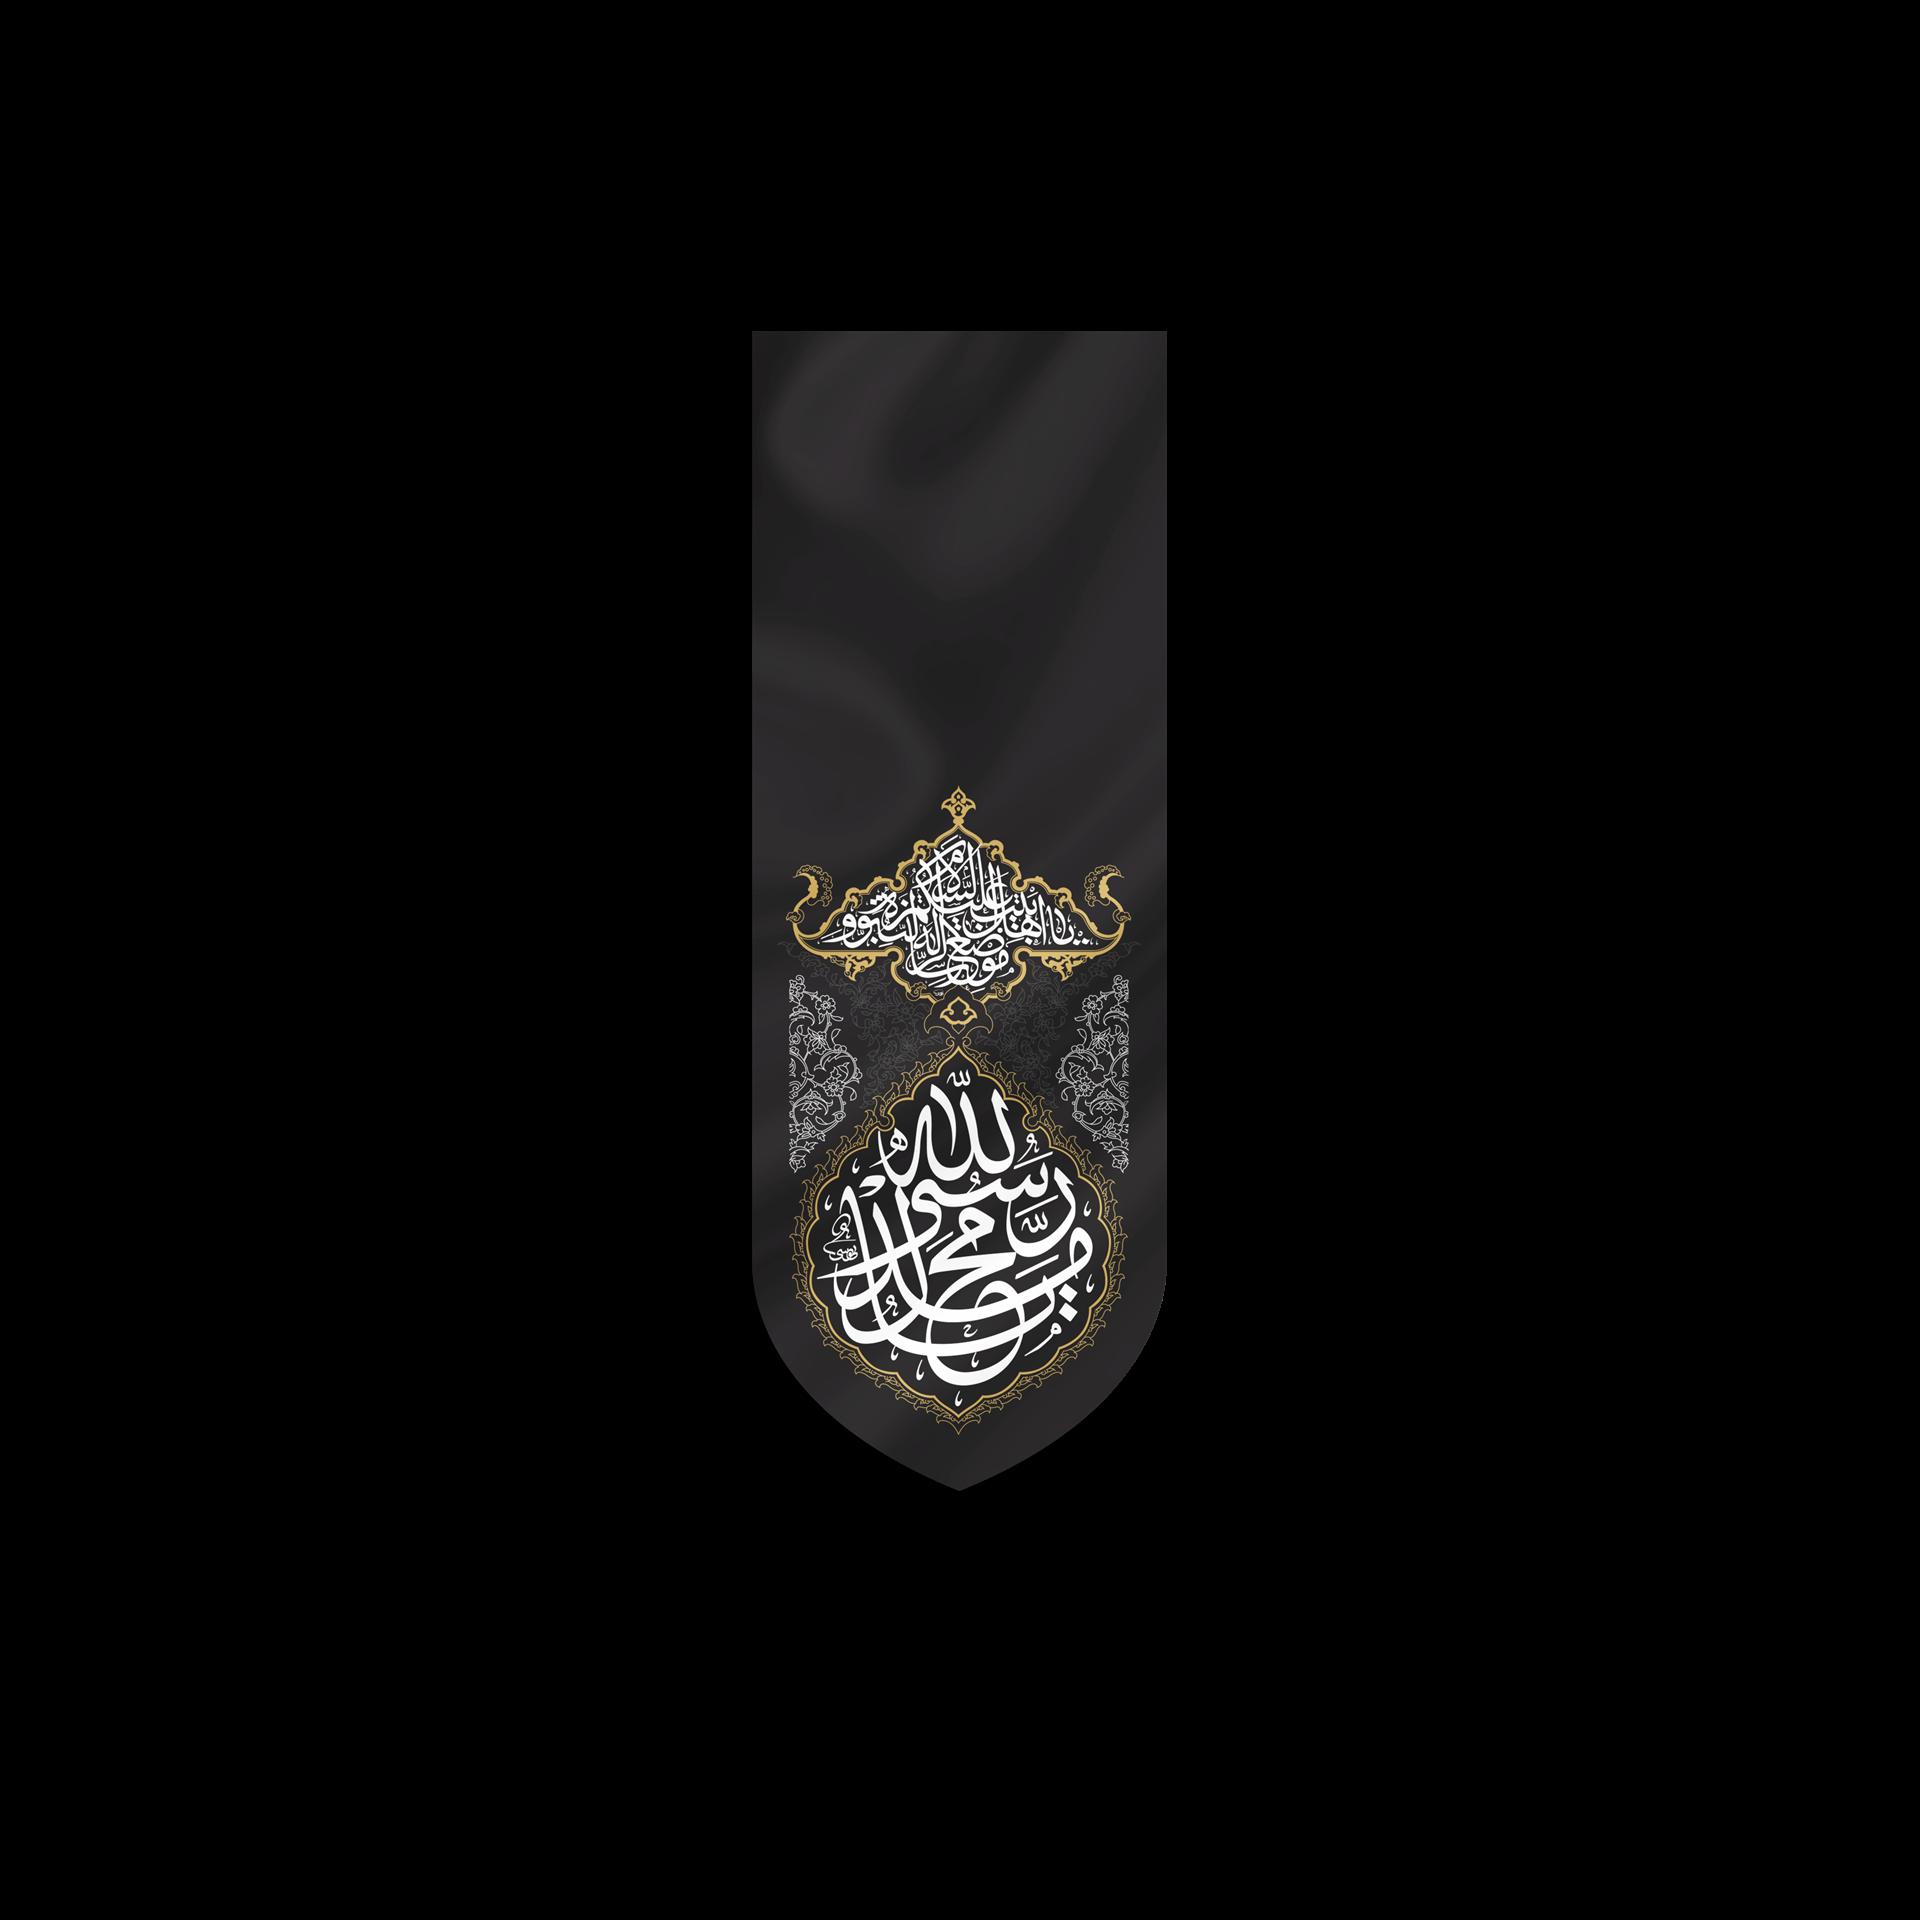 تصویر از بیرق نقش فرش محمد رسول الله